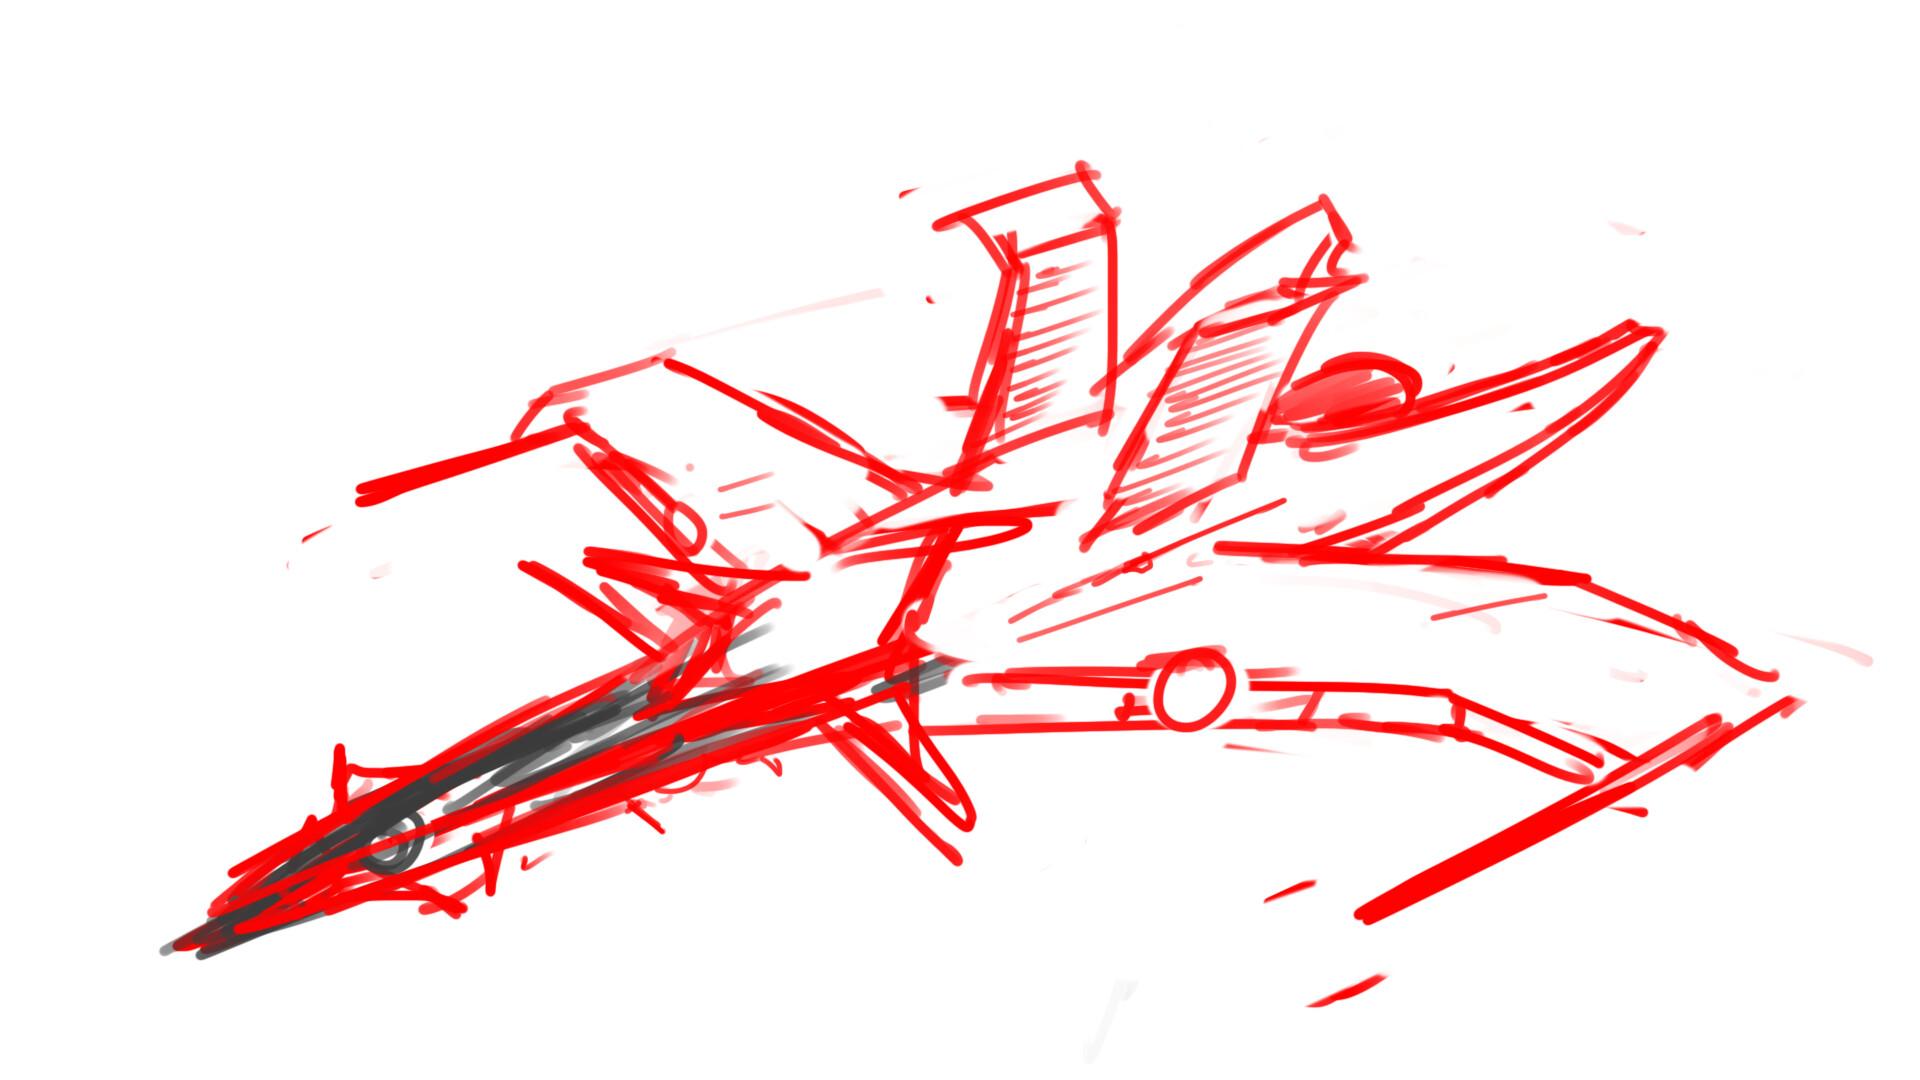 Alexander laheij drawing10 55